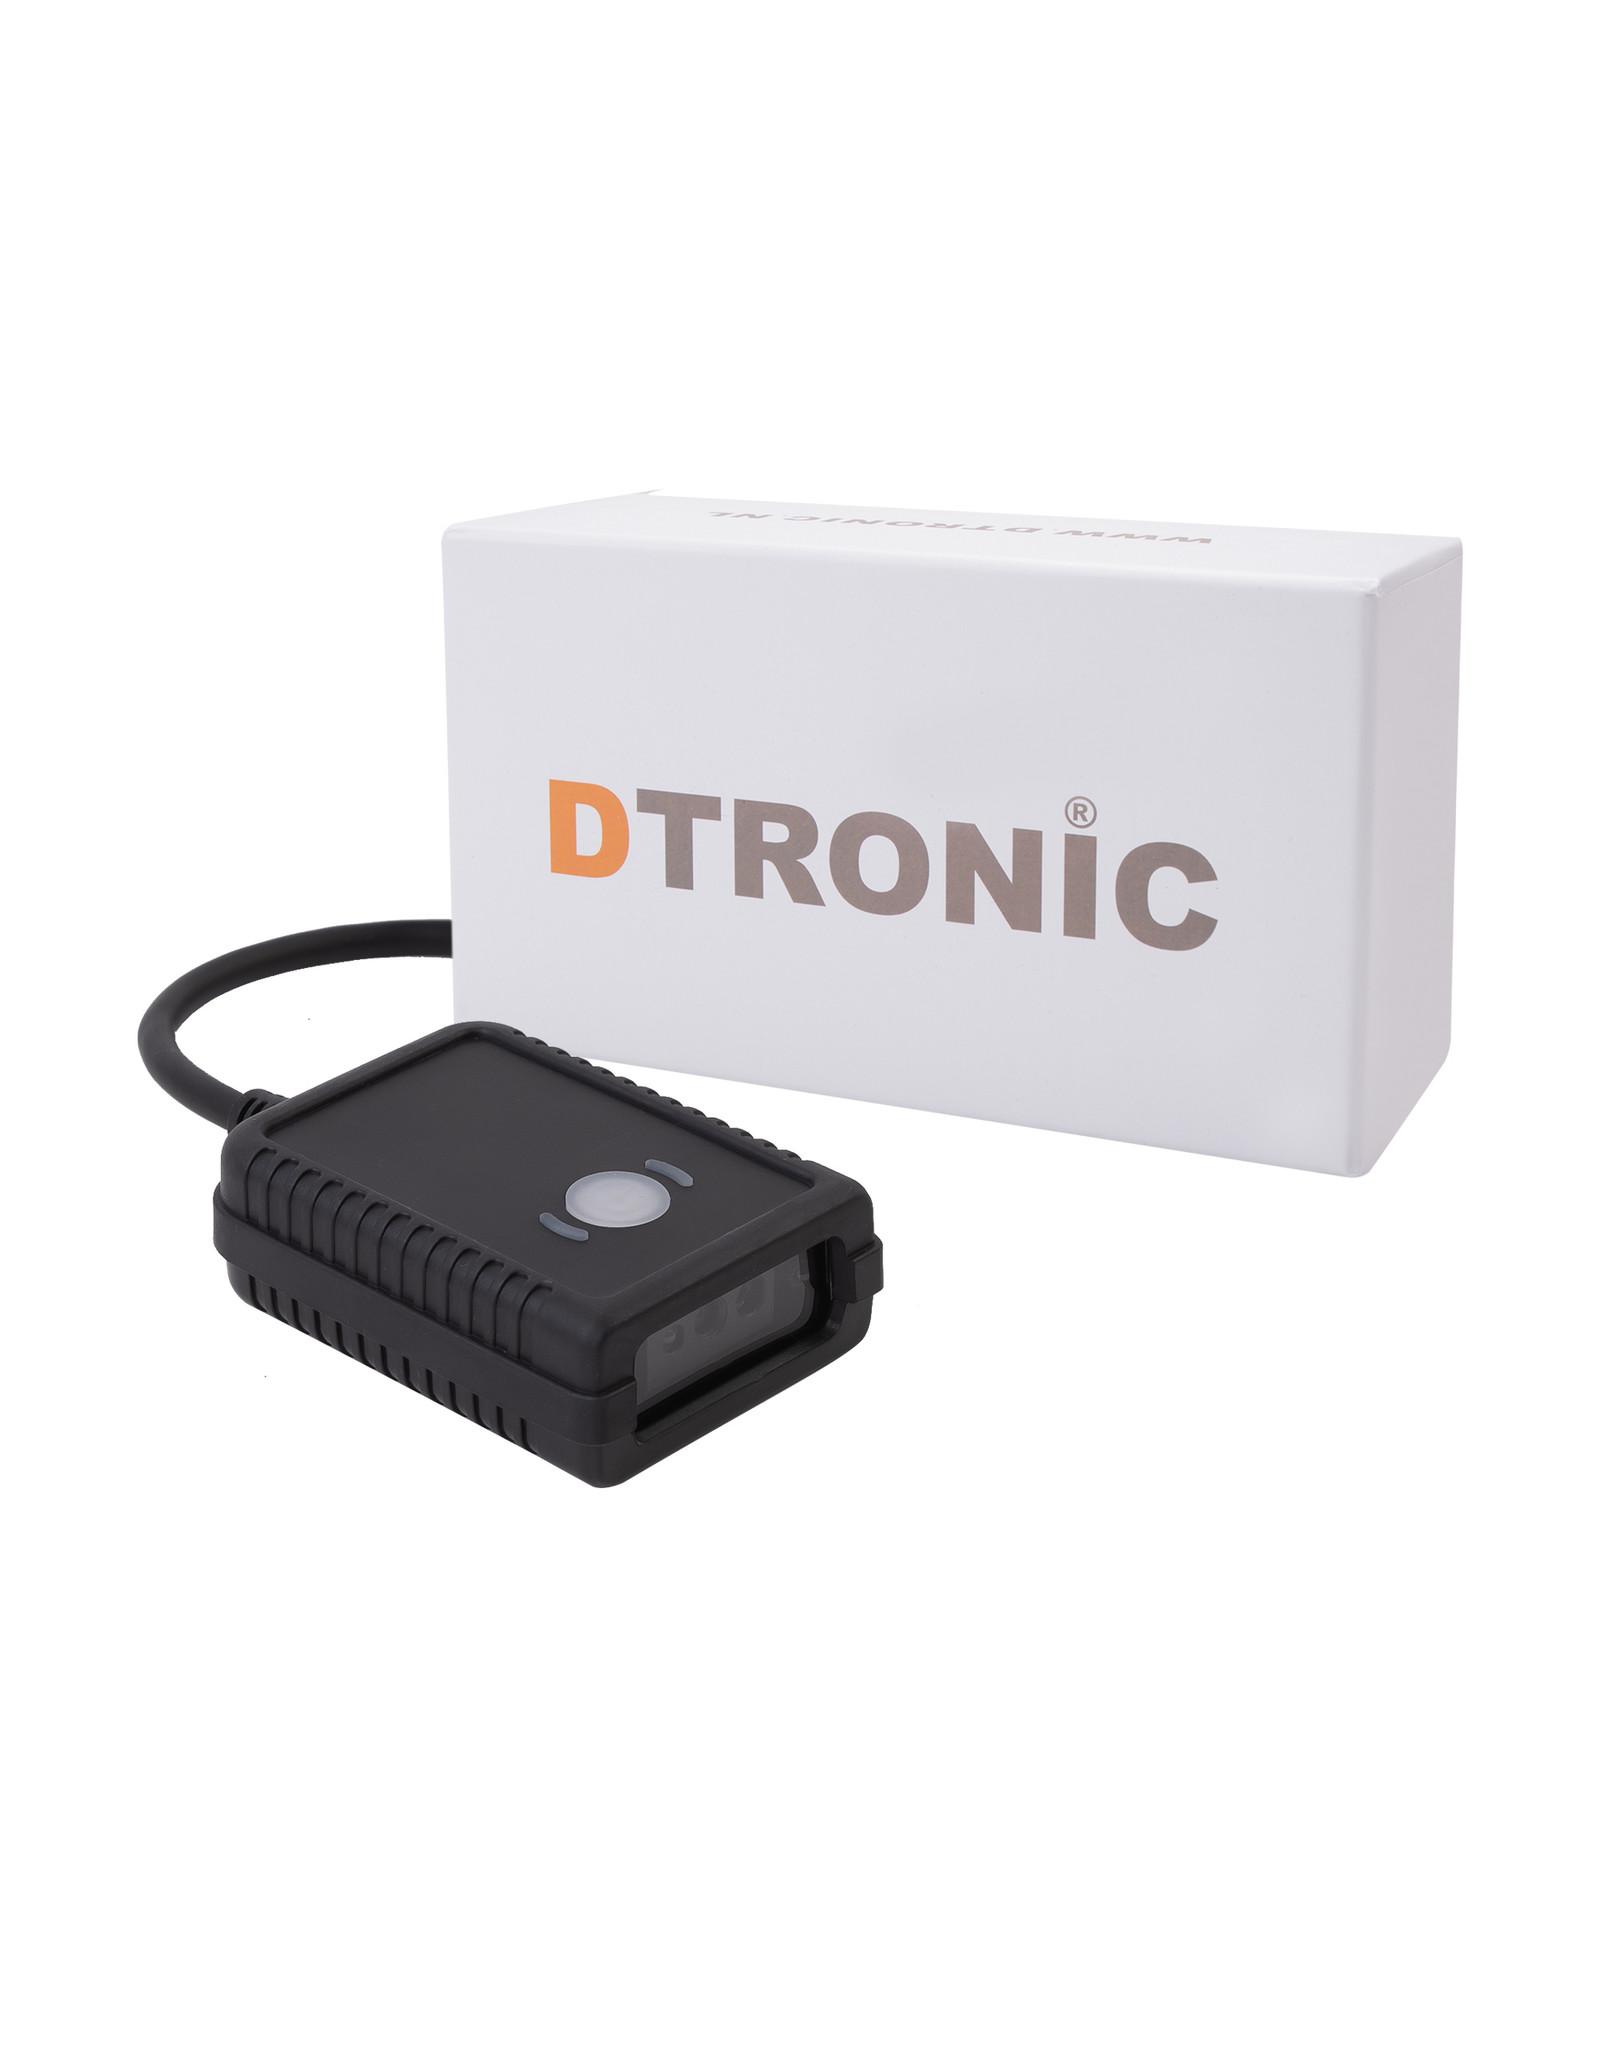 DTRONIC Inbouw barcodescanner   DTRONIC - DF4200   Multi inzetbaar